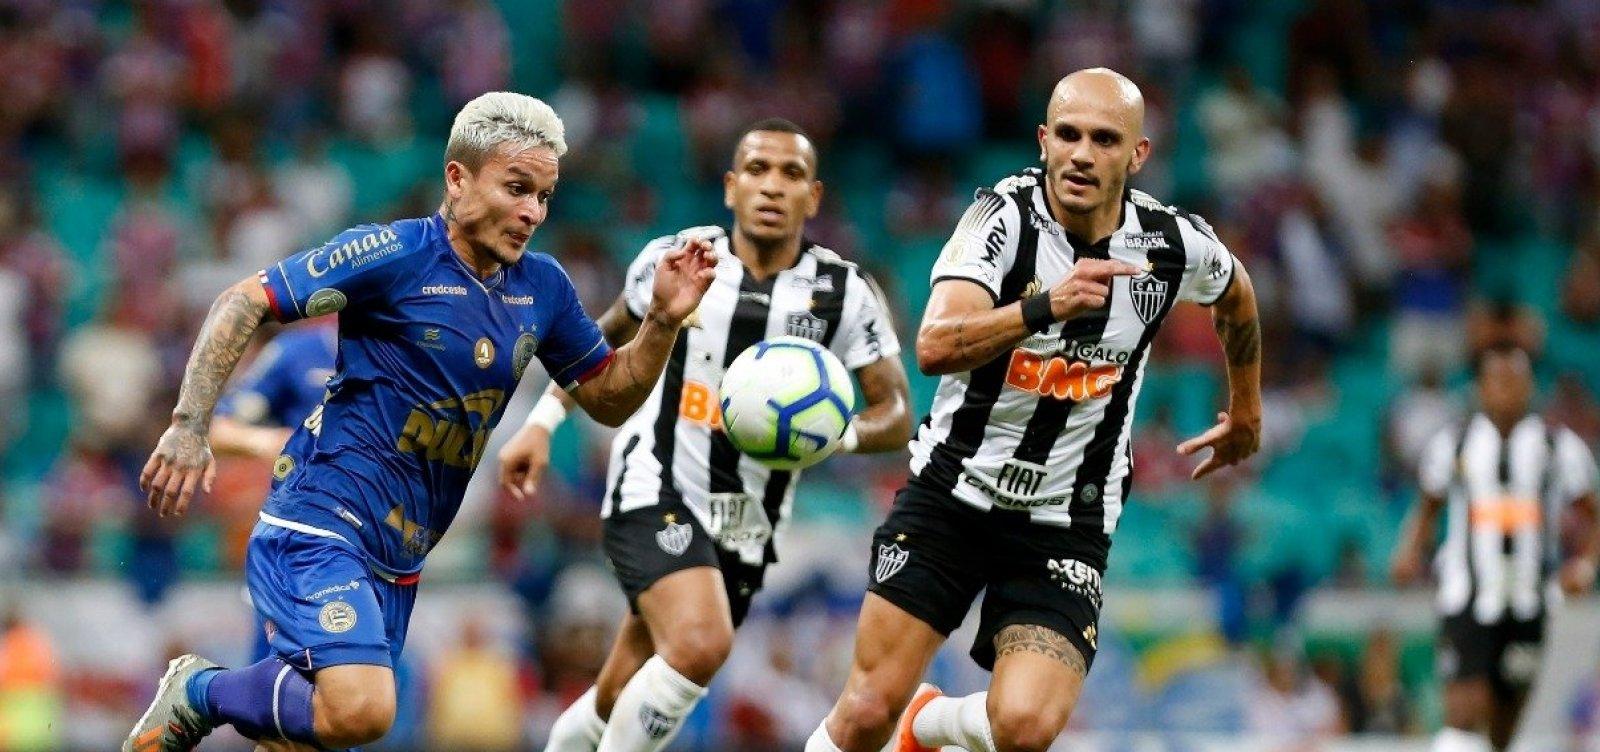 Bahia empata em 1 a 1 com o Atlético-MG e chega a nove jogos sem vencer